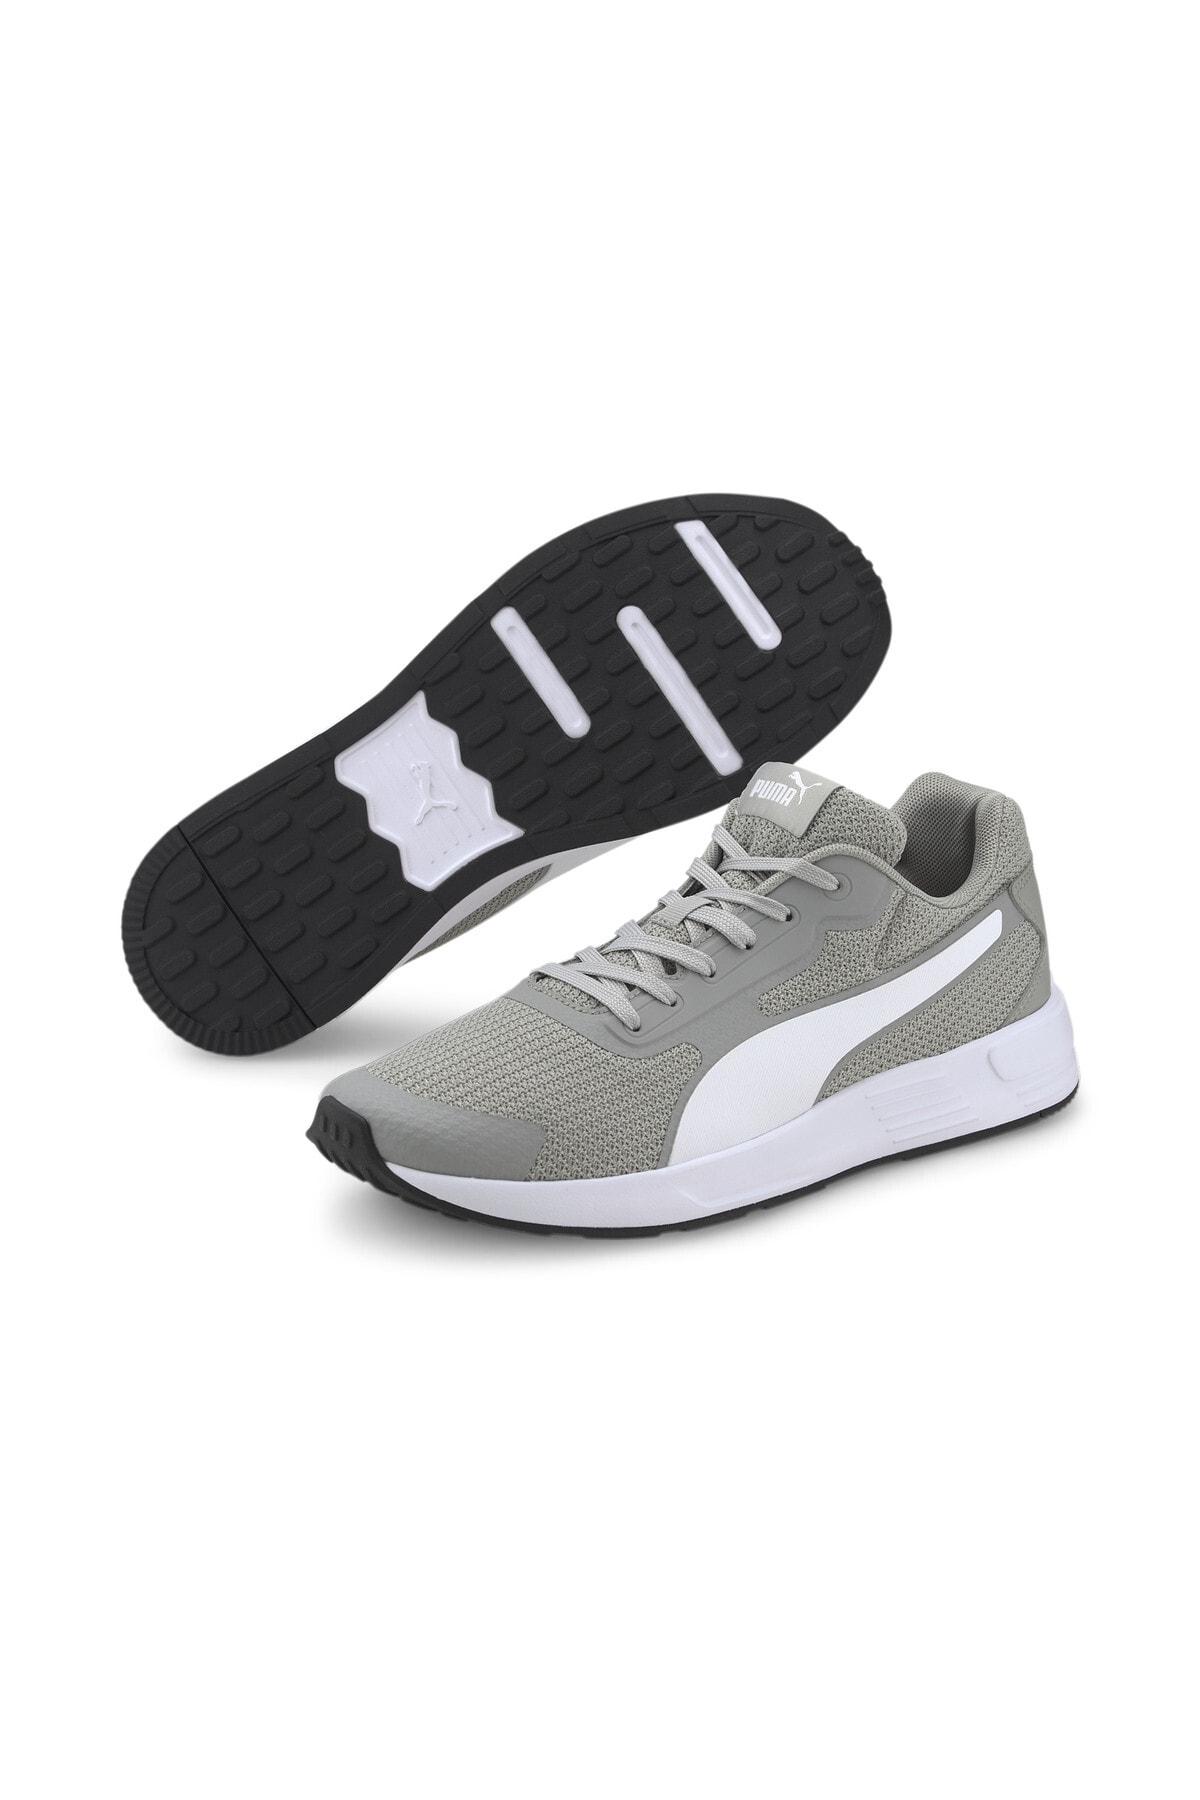 Puma TAPER Gri Erkek Koşu Ayakkabısı 100656439 1